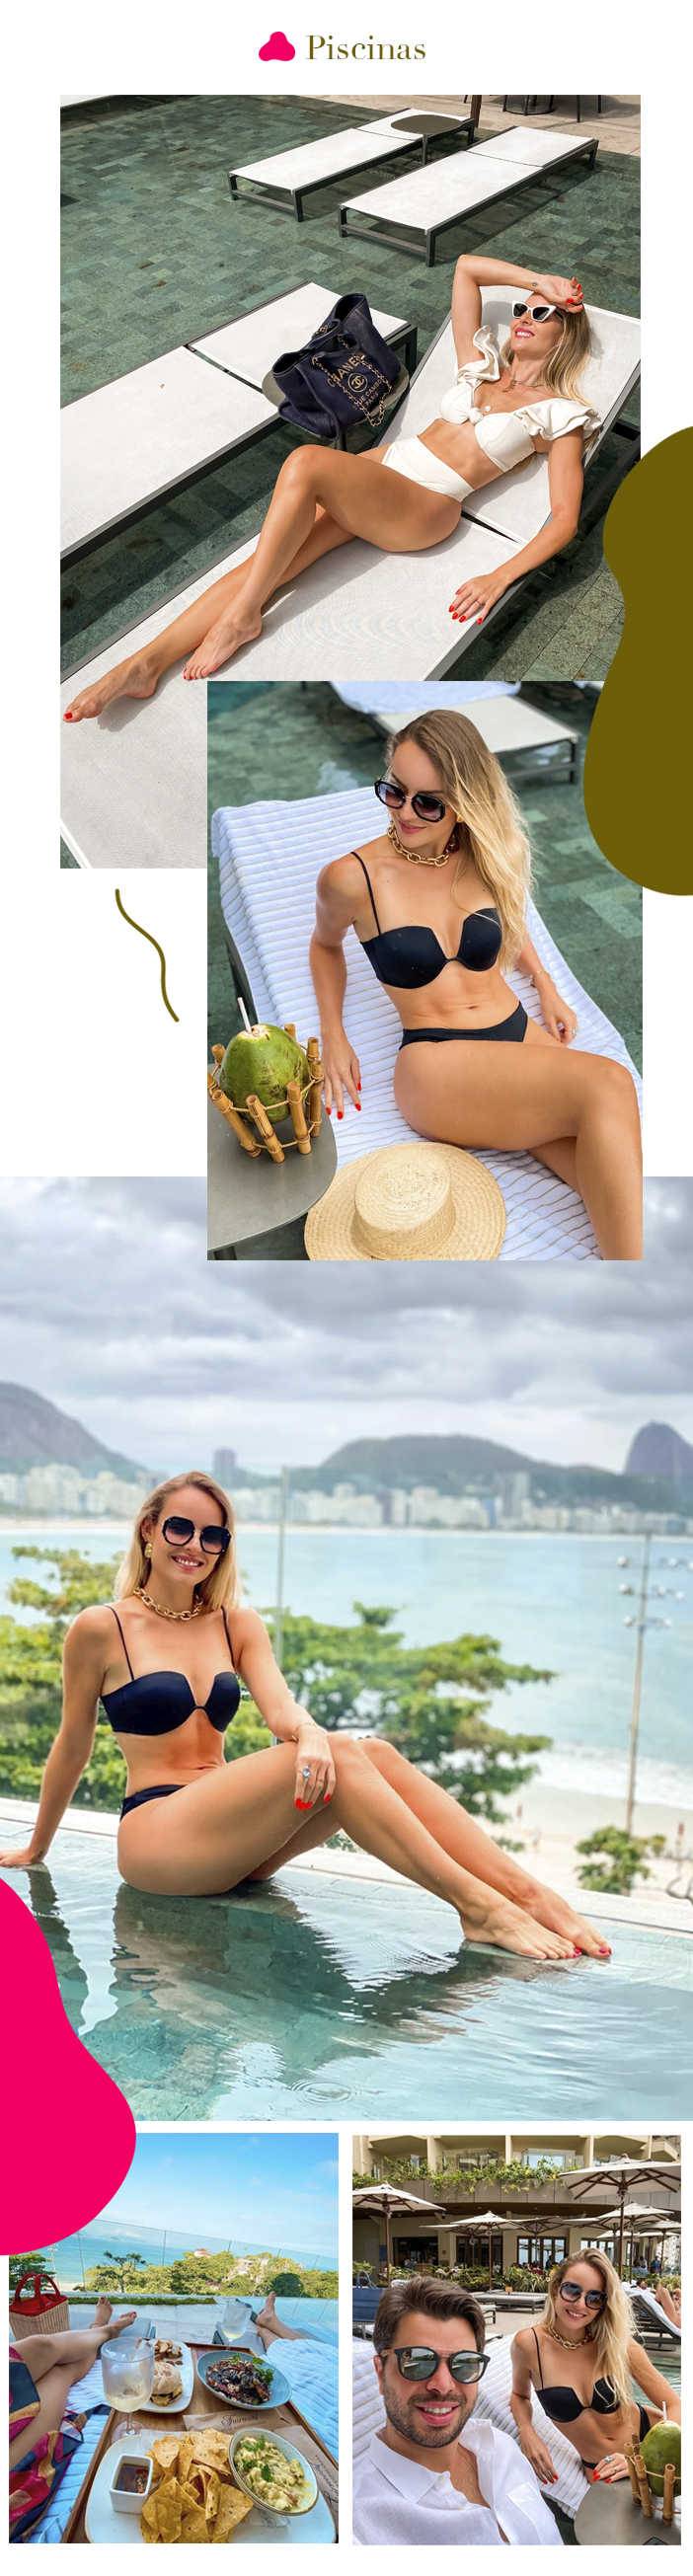 Diário de Bordo - Layla no Fairmont Rio - Piscinas